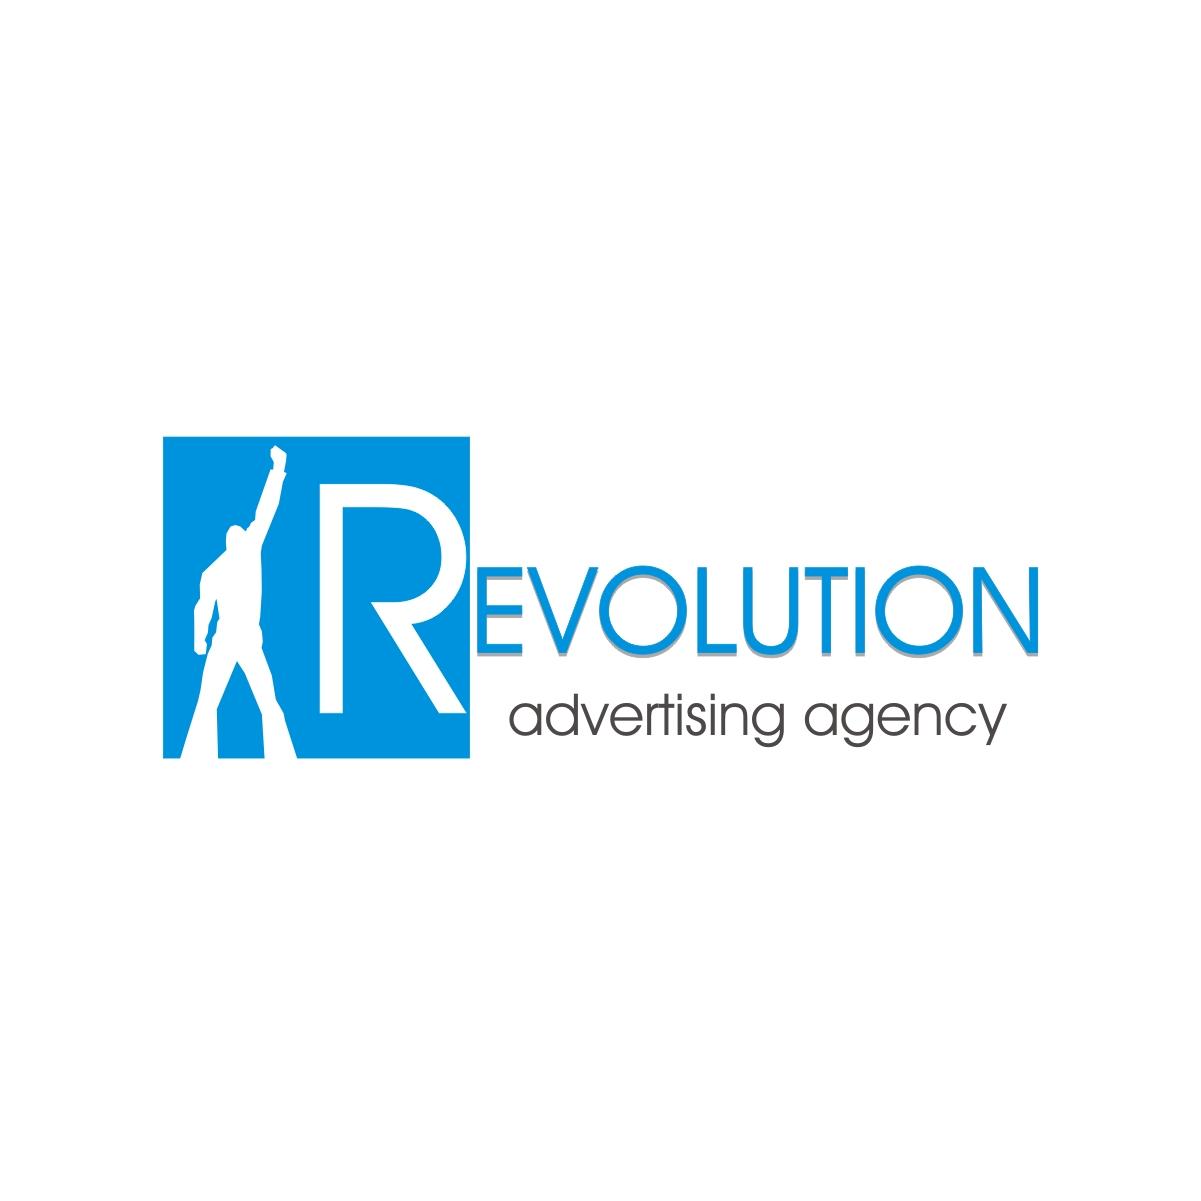 Разработка логотипа и фир. стиля агенству Revolución фото f_4fb8fca44723a.jpg